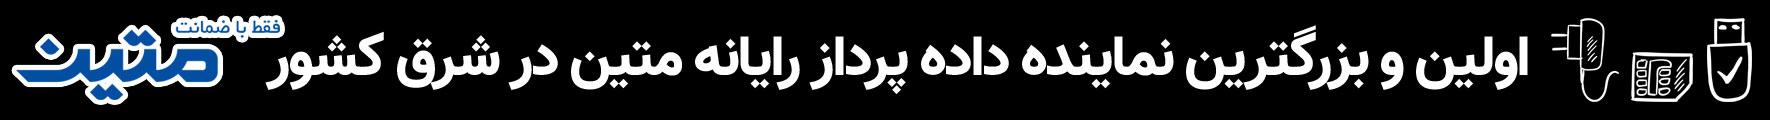 بازرگانی اخوان مشهد